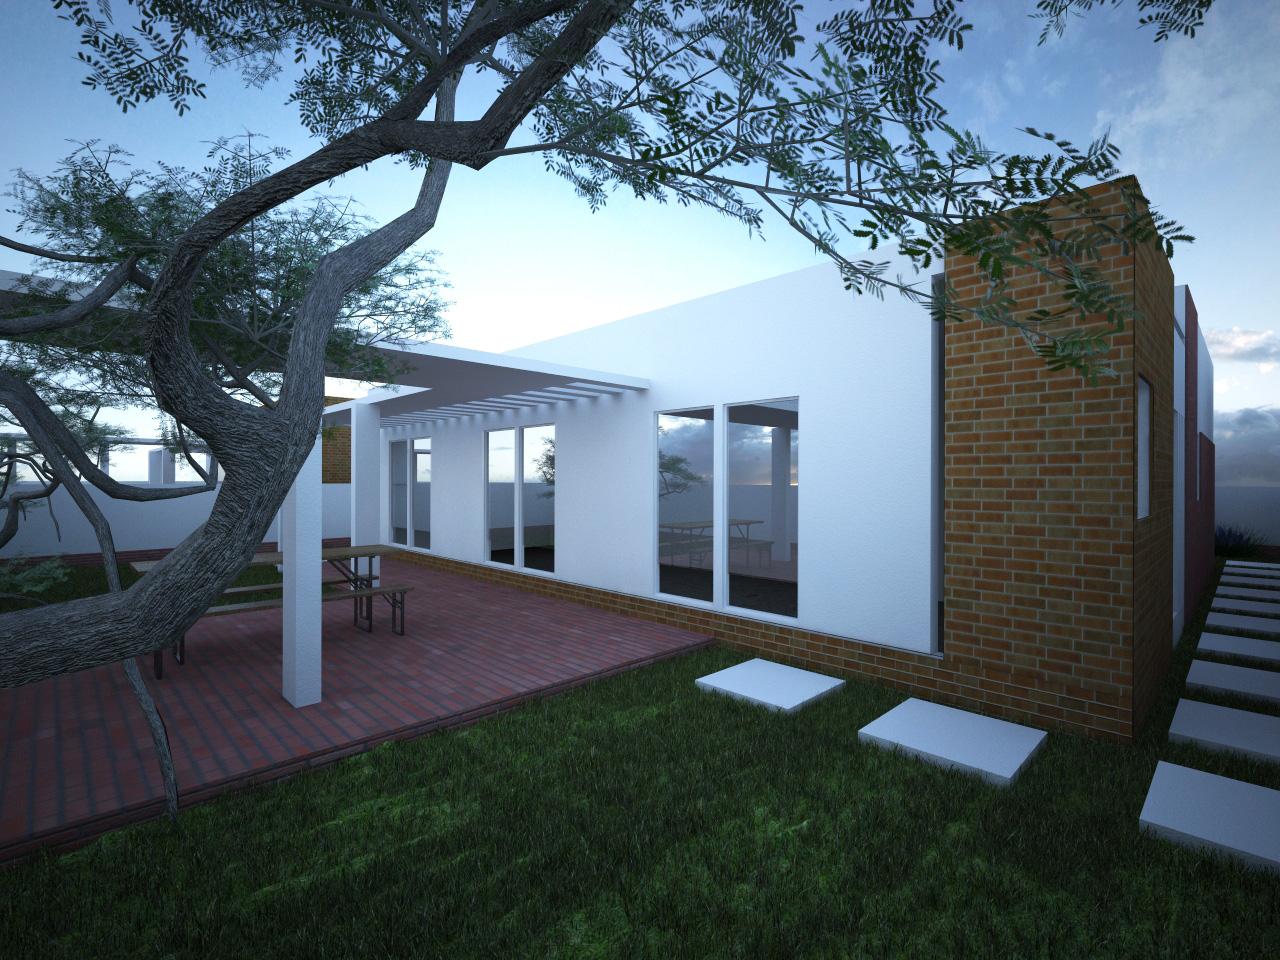 Arquitecto aguiar moradias facova luanda for Arquitecto t4